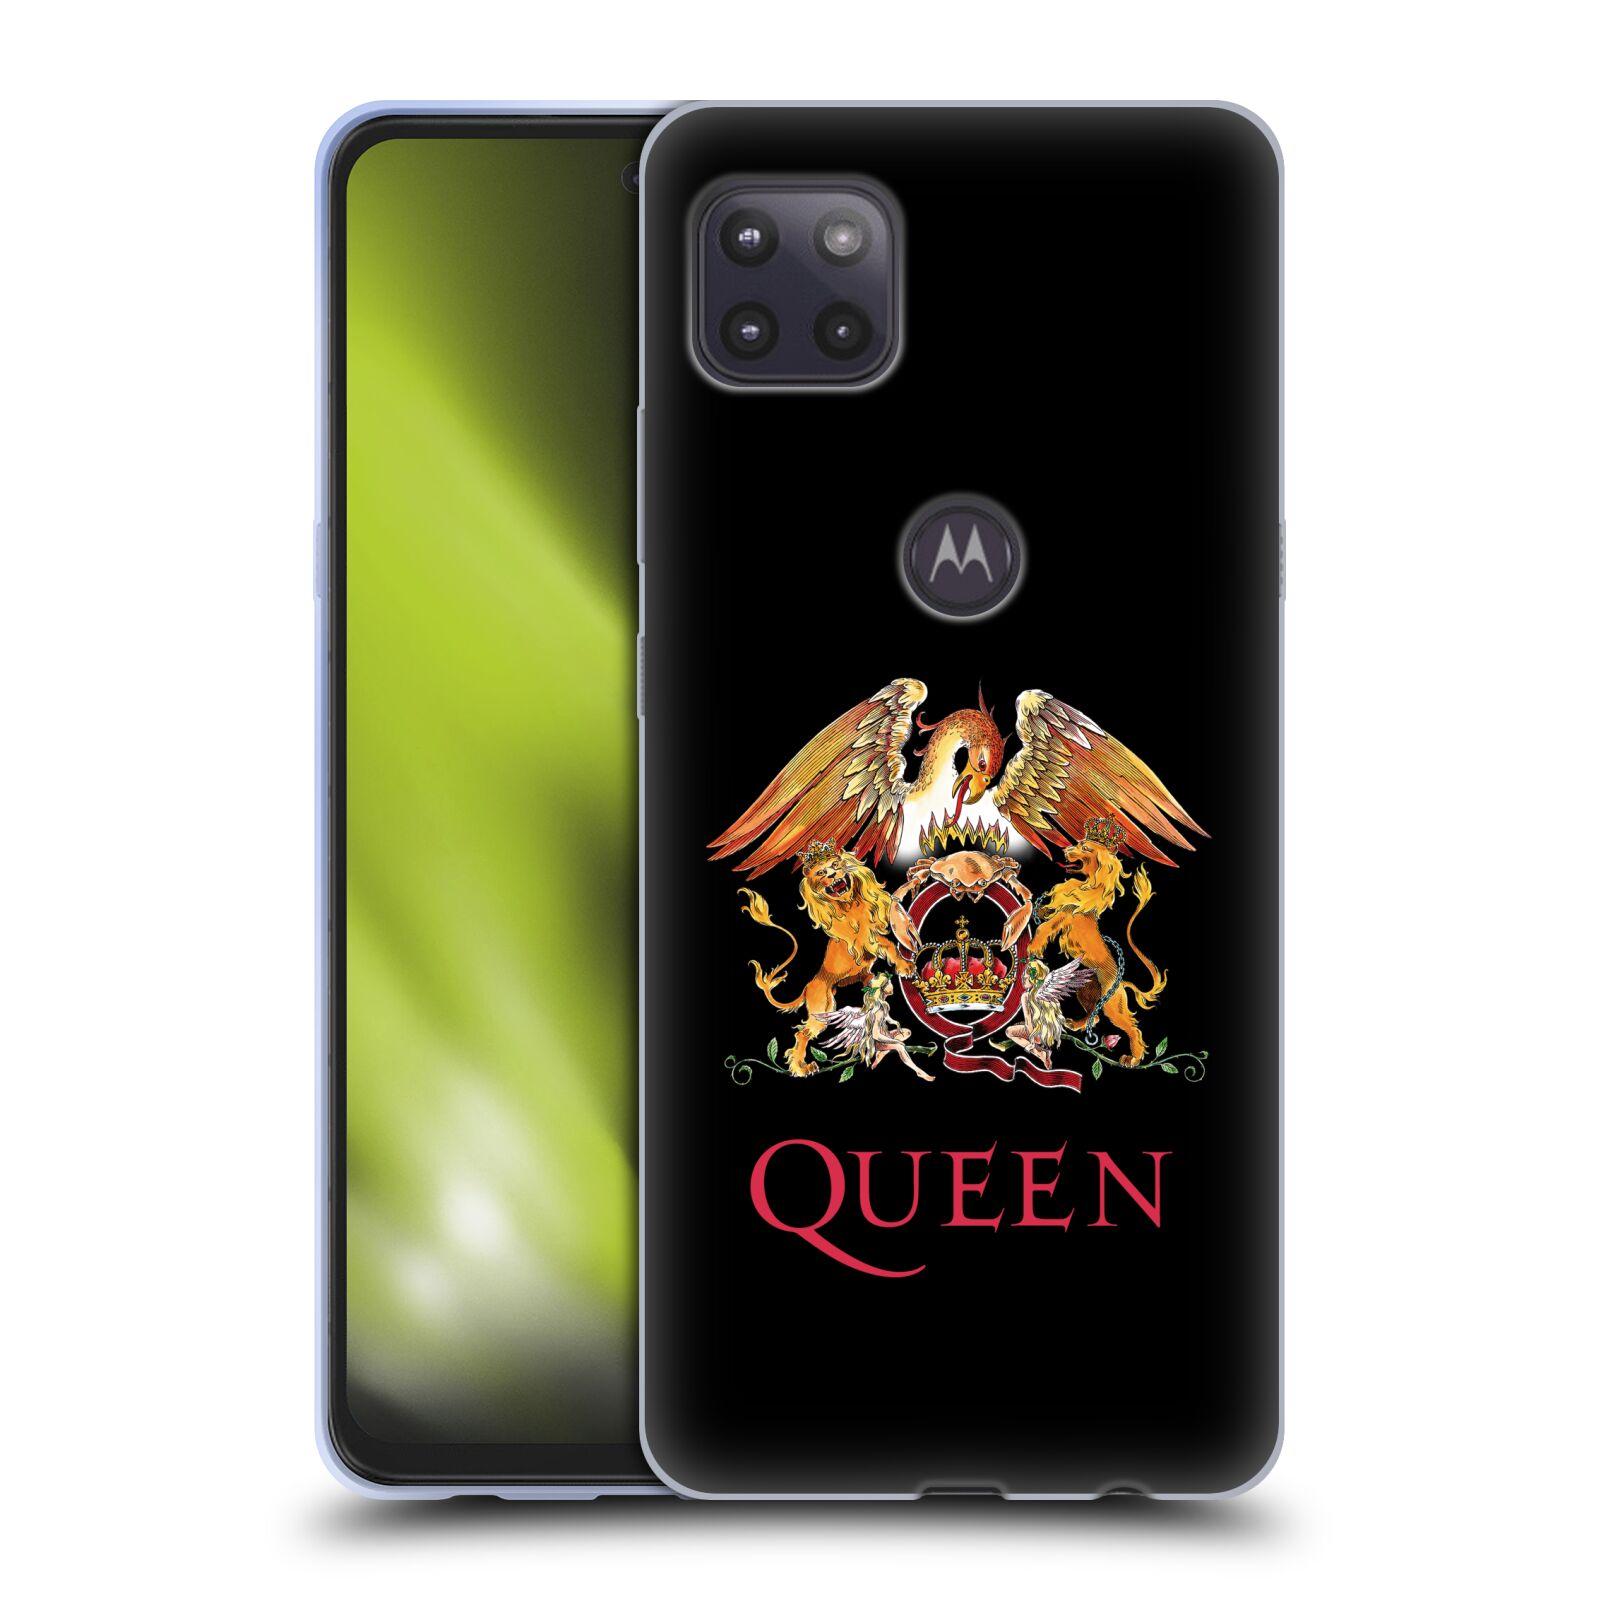 Silikonové pouzdro na mobil Motorola Moto G 5G - Head Case - Queen - Logo